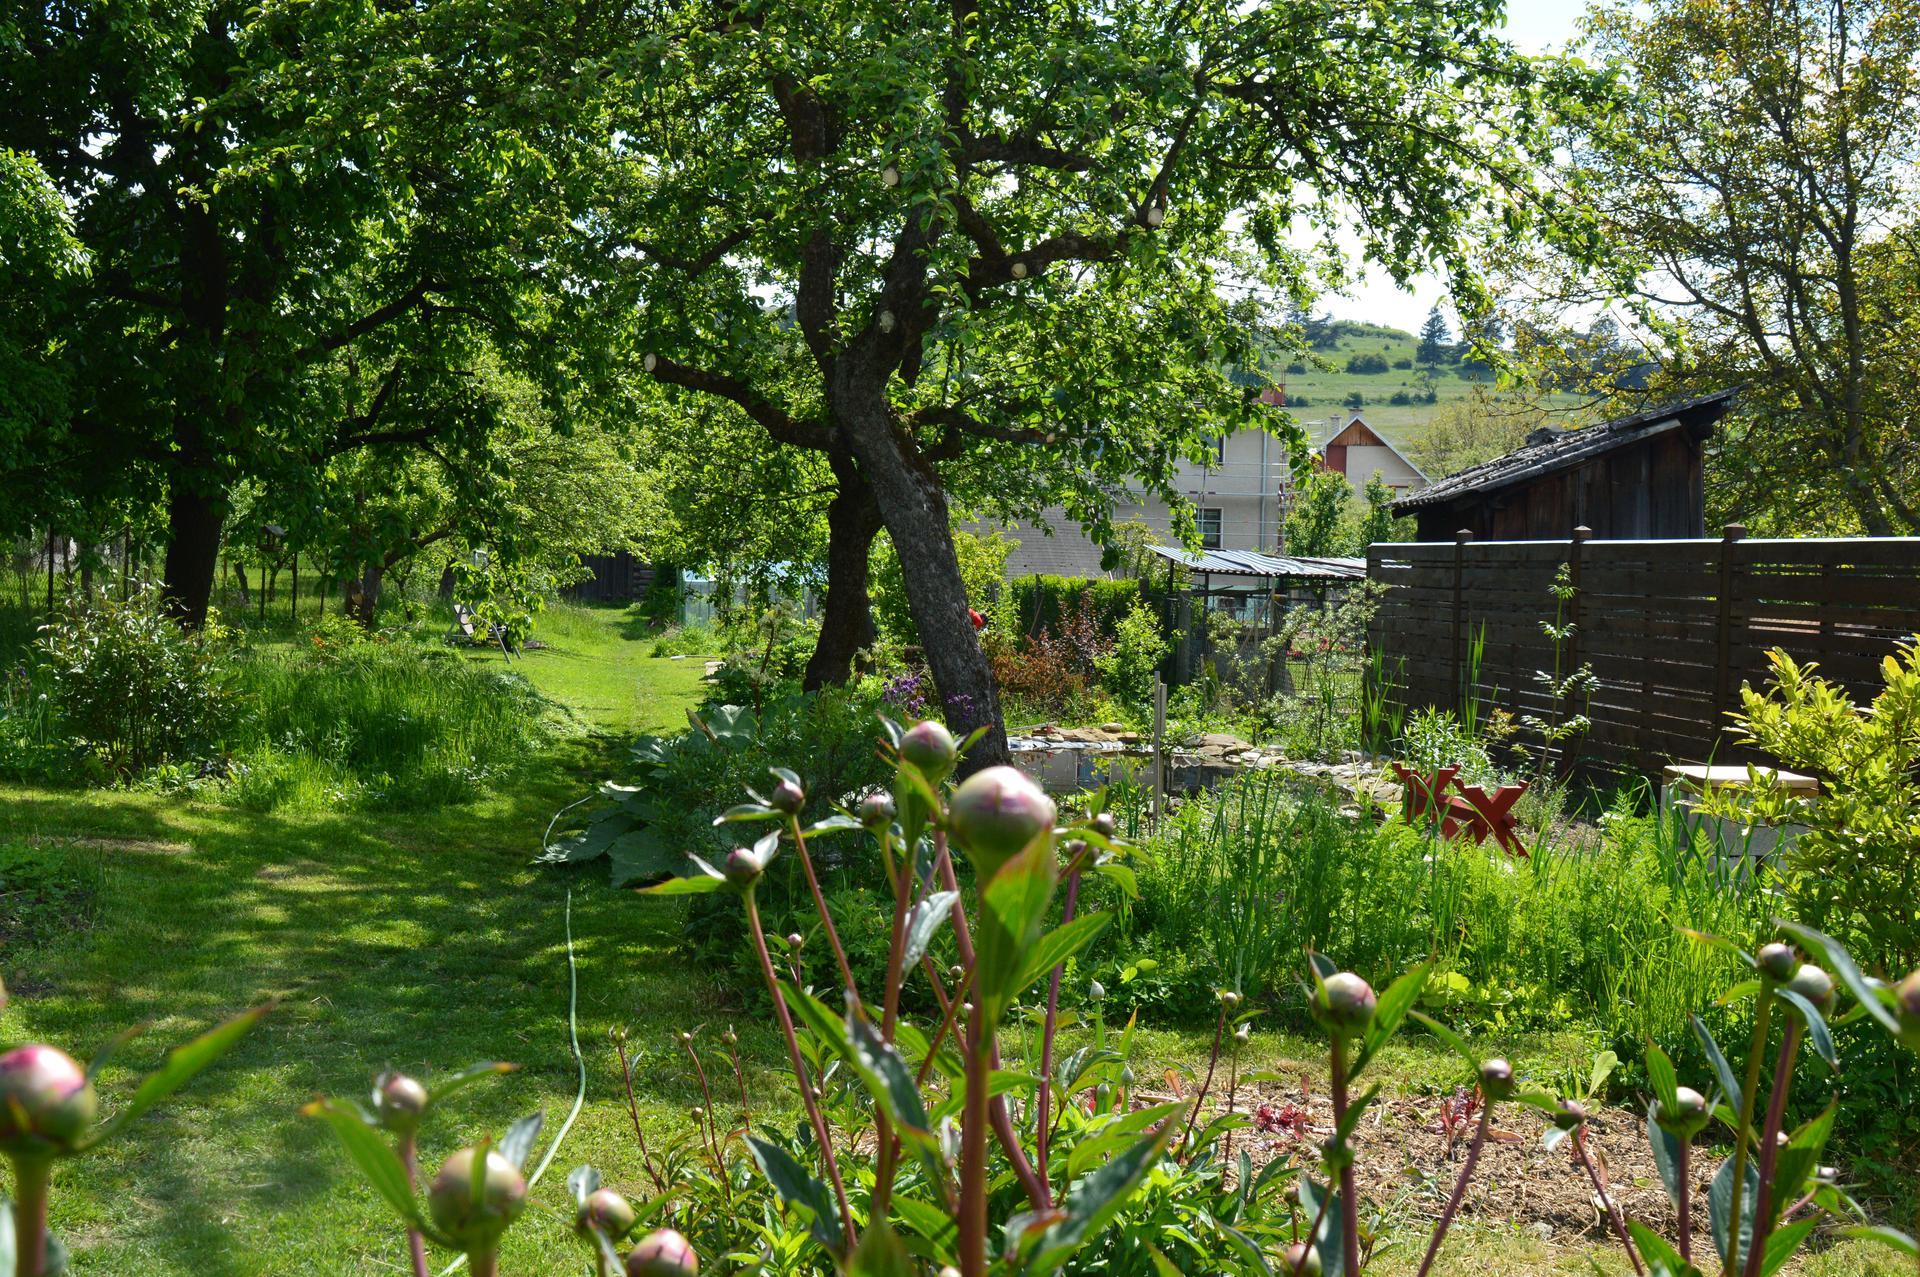 Naša prírodná perma záhradka v roku 2020 - už aj kosiť je nutnosťou